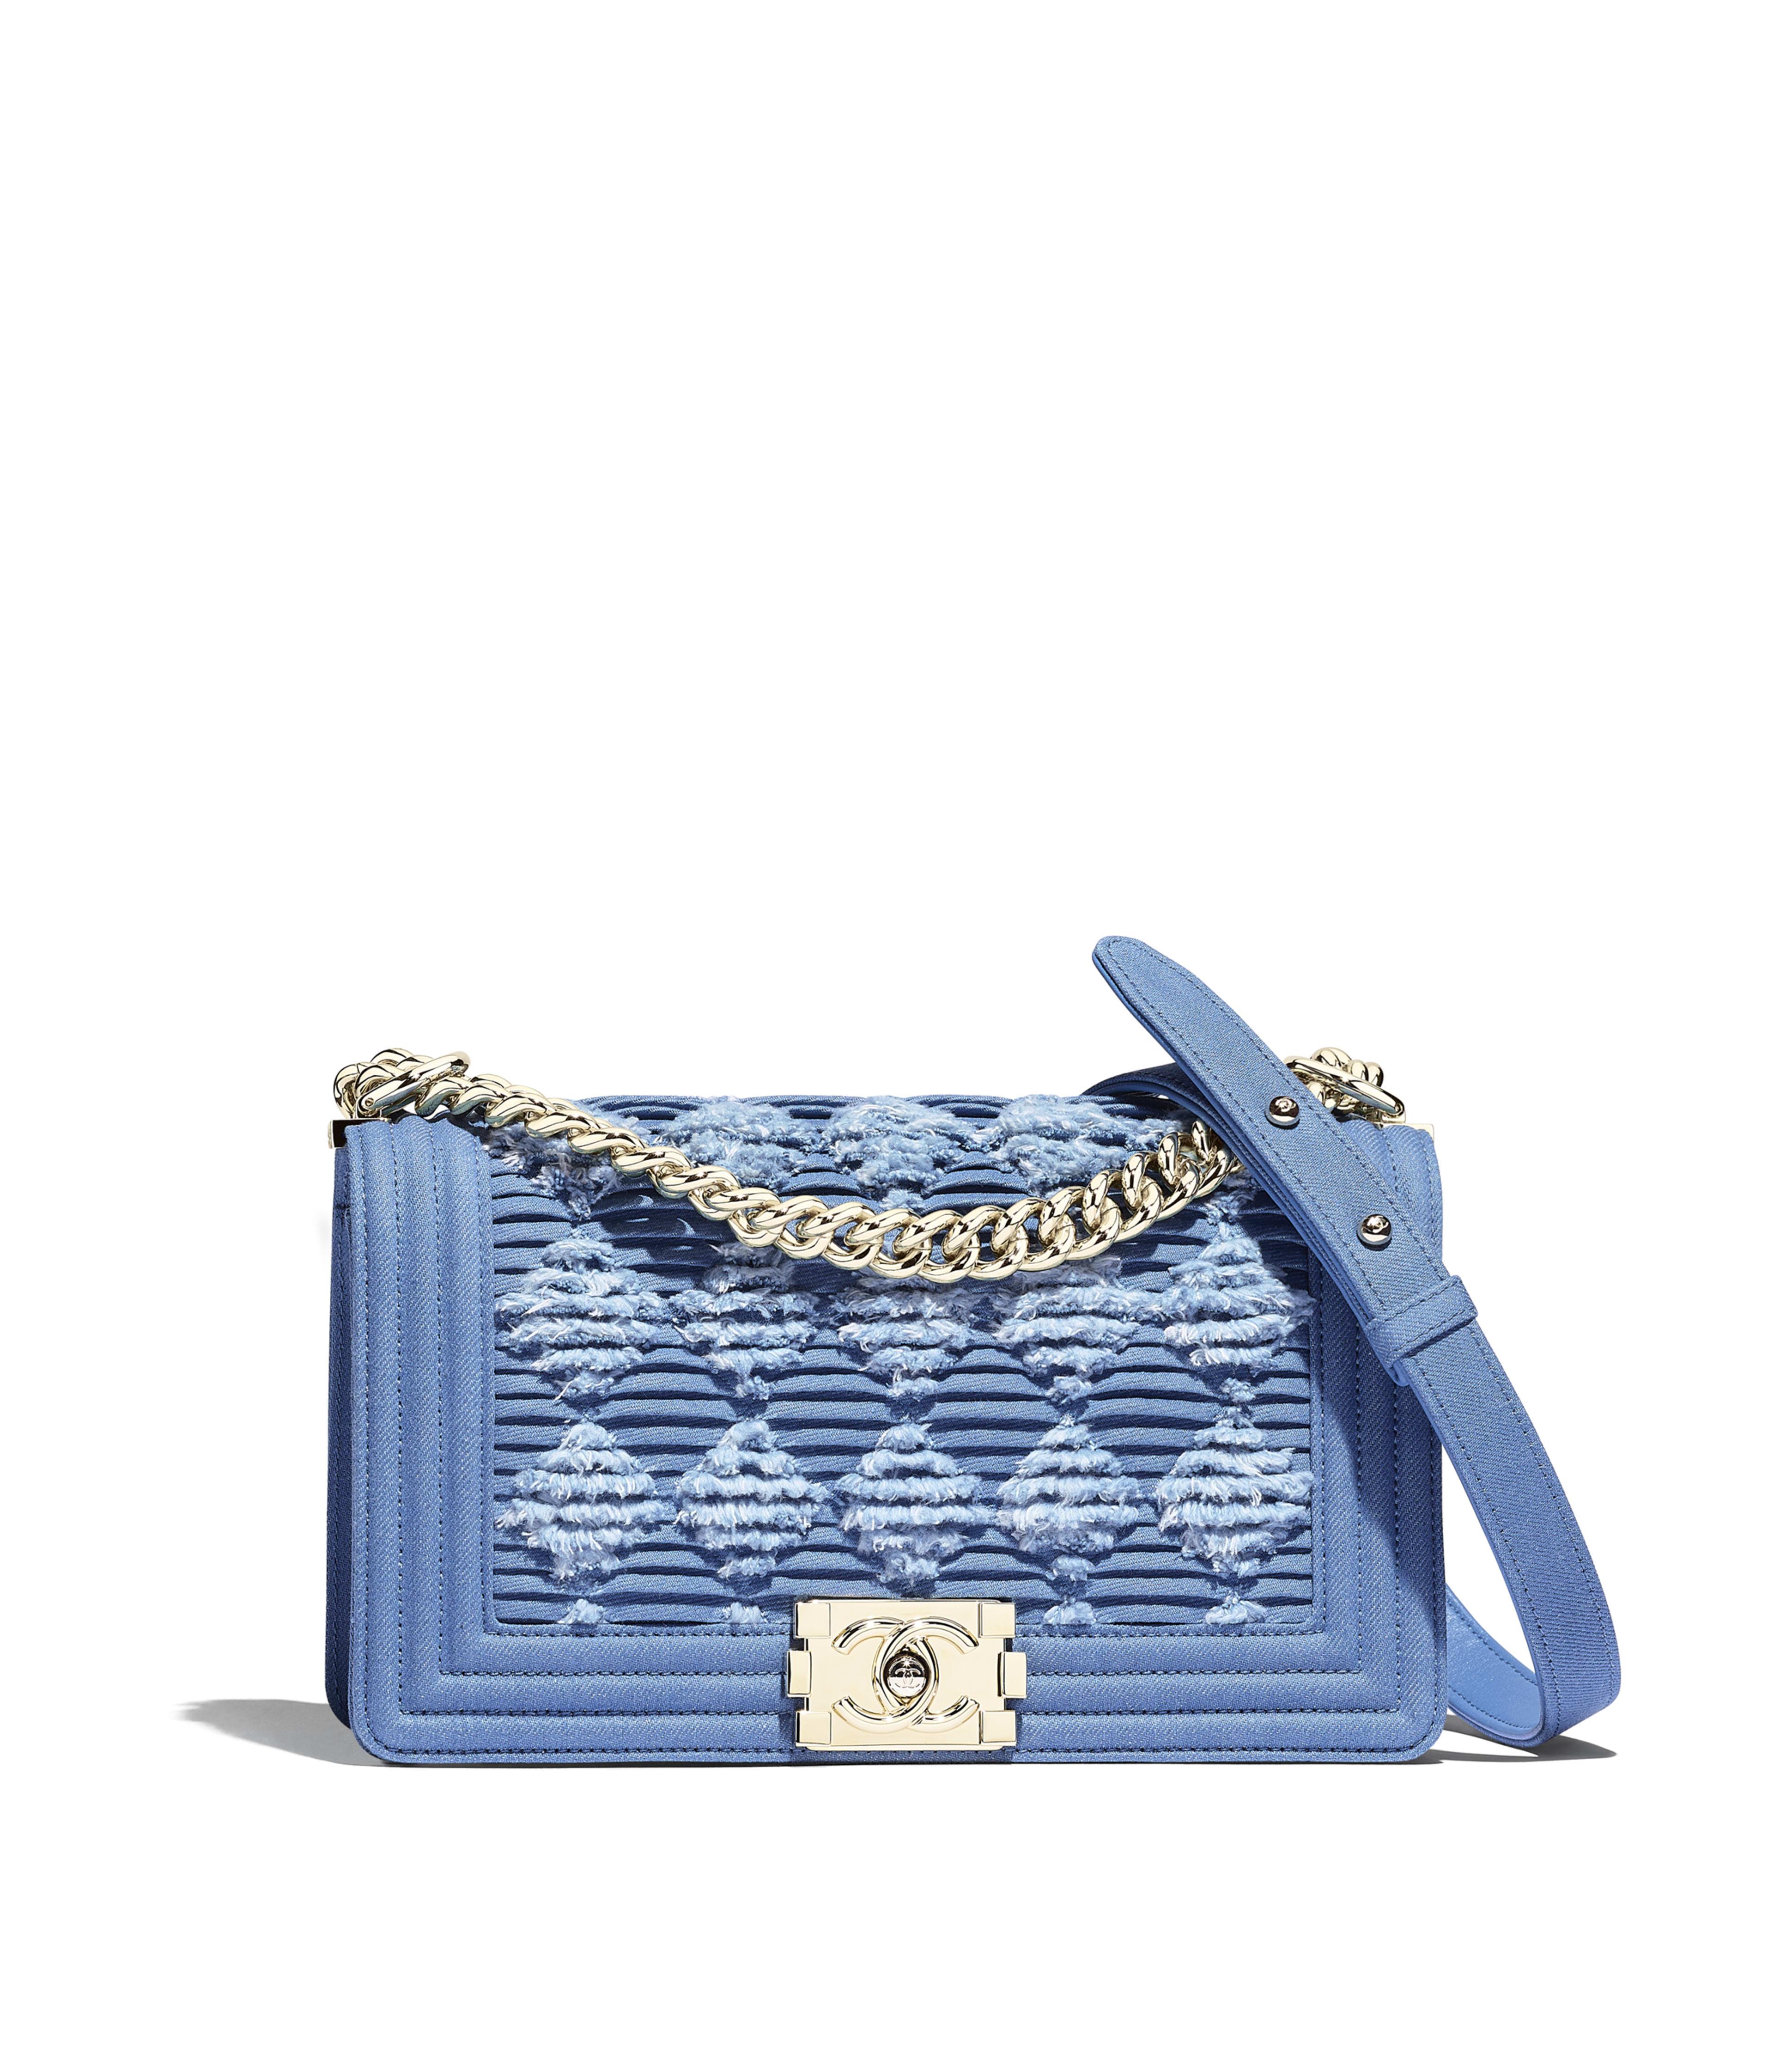 4a5dda433f04 BOY CHANEL Handbag Pleated Denim & Gold-Tone Metal, Light Blue Ref.  A67086B00300N4418